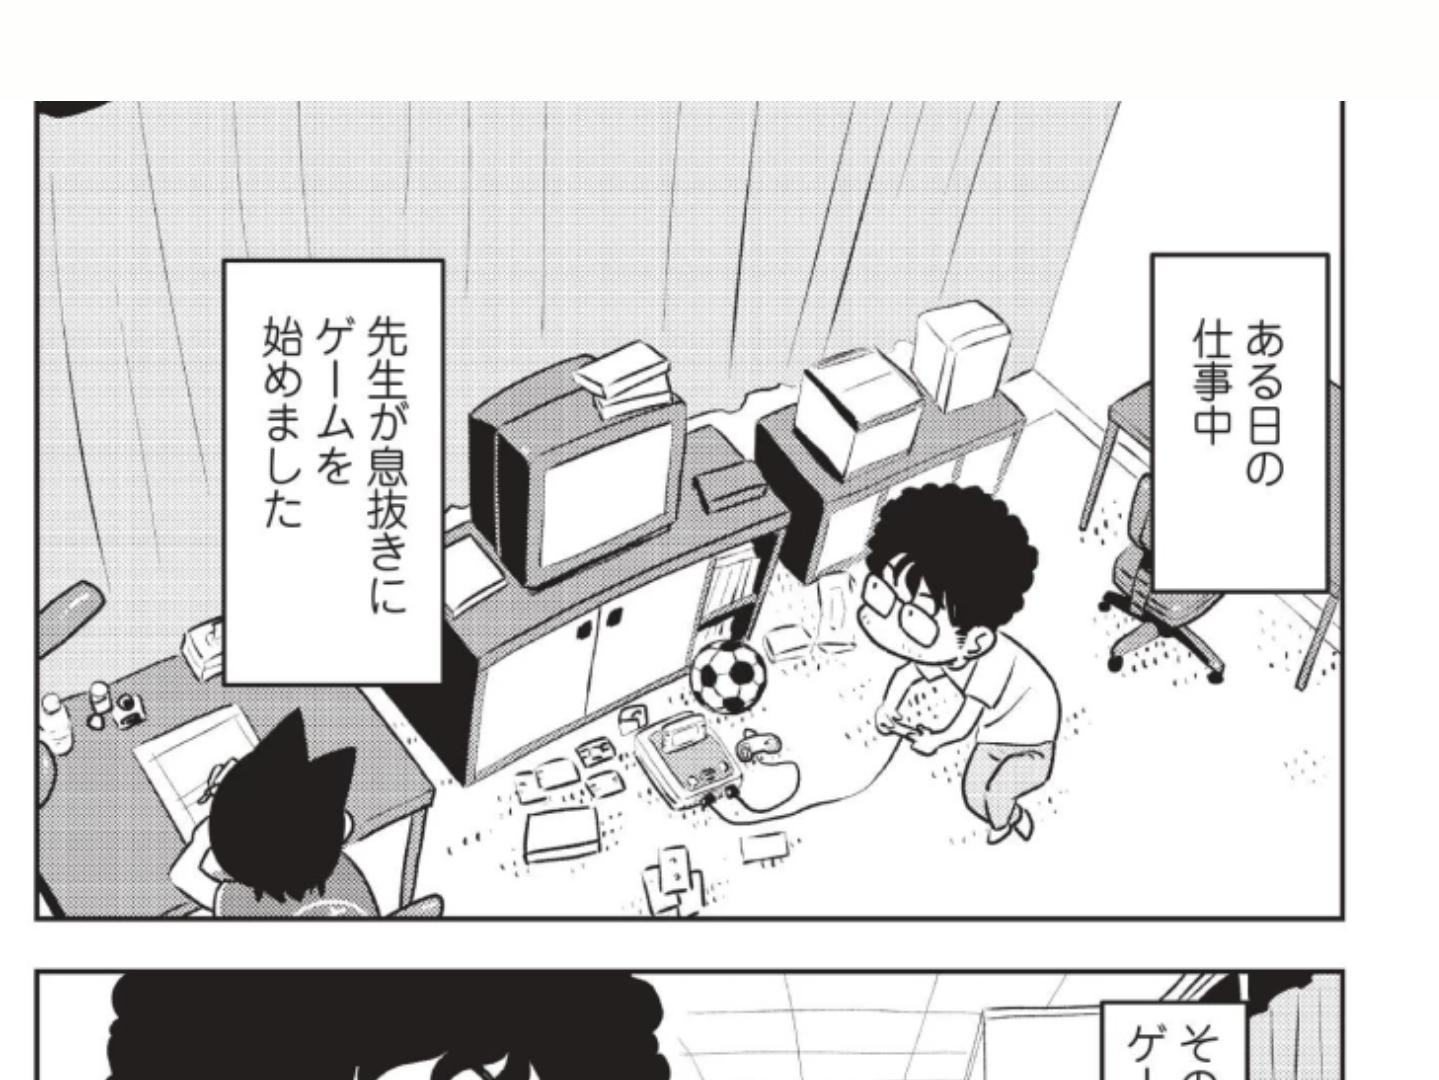 【絶賛】冨樫義博はアシにボーナス支給してた事が判明 「残業代払わない漫画家もいるのに神すぎる(涙)」